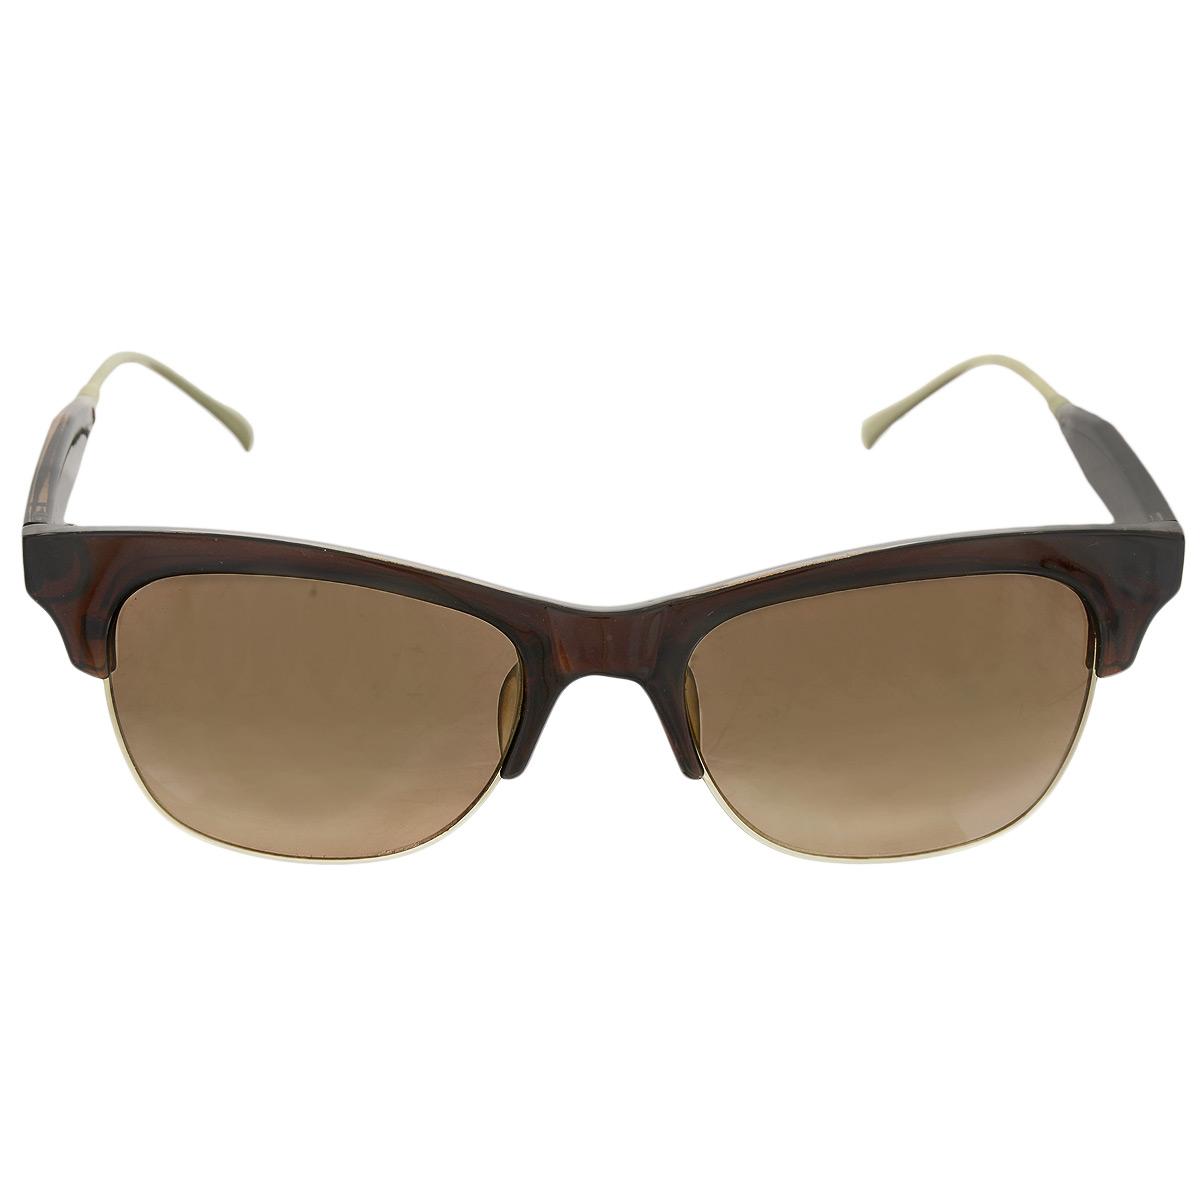 Солнцезащитные очки женские Selena, цвет: черный. 8003144180031441Солнцезащитные очки Selena, выполненные с линзами из высококачественного пластика PC с зеркальным эффектом fresh mirror. Степень защиты - UV400. Используемый пластик не искажает изображение, не подвержен нагреванию и вредному воздействию солнечных лучей. Линзы данных очков с высокоэффективным UV-фильтром обеспечивают полную защиту от ультрафиолетовых лучей. Металлическая оправа очков легкая, прилегающей формы и поэтому не создает никакого дискомфорта. Такие очки защитят глаза от ультрафиолетовых лучей, подчеркнут вашу индивидуальность и сделают ваш образ завершенным.